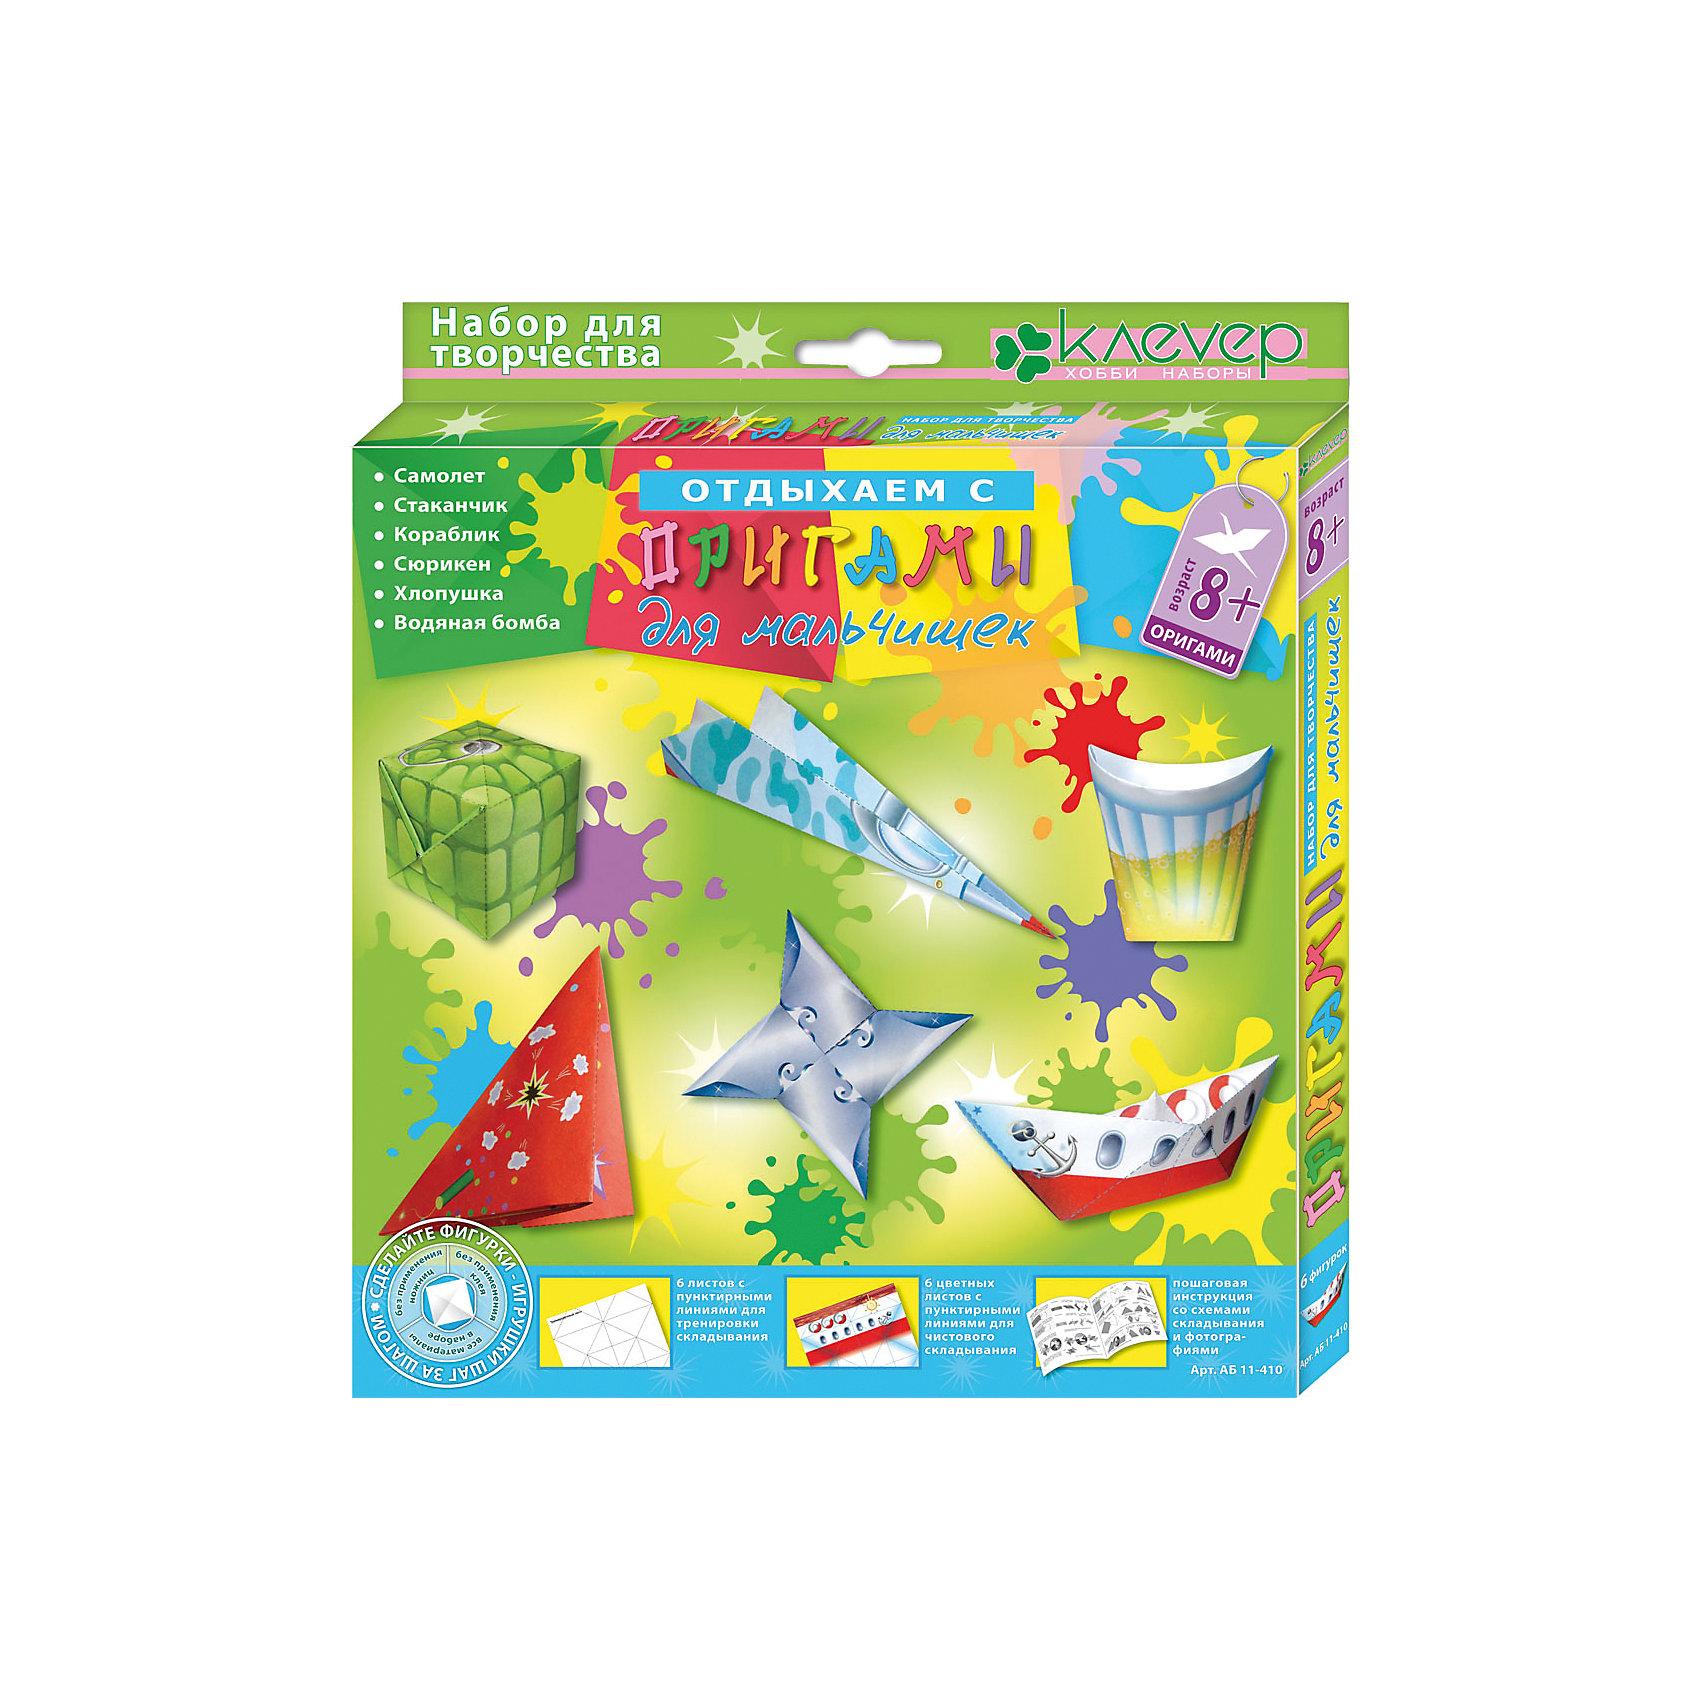 Набор для изготовления фигурок Оригами для мальчишекРукоделие<br>Характеристики:<br><br>• Коллекция: оригами<br>• Тематика: оружие и амуниция<br>• Уровень сложности: средний<br>• Материал: бумага<br>• Комплектация: тренировочные листы, цветные листы, брошюра-инструкция<br>• Размеры (Д*Ш*В): 20,6*22,5*16 см<br>• Вес: 72 г <br>• Упаковка: картонная коробка<br><br>Набор для изготовления фигурок Оригами для мальчишек состоит из набора цветных и черно-белых листов, презназначенных для освоения приемов складывания фигурок. На каждый лист нанесены пунктирные линии, которые облегчают процесс обучения оригами.<br><br>Набор для изготовления фигурок Оригами для мальчишек можно купить в нашем интернет-магазине.<br><br>Ширина мм: 206<br>Глубина мм: 225<br>Высота мм: 160<br>Вес г: 72<br>Возраст от месяцев: 96<br>Возраст до месяцев: 144<br>Пол: Мужской<br>Возраст: Детский<br>SKU: 5541596